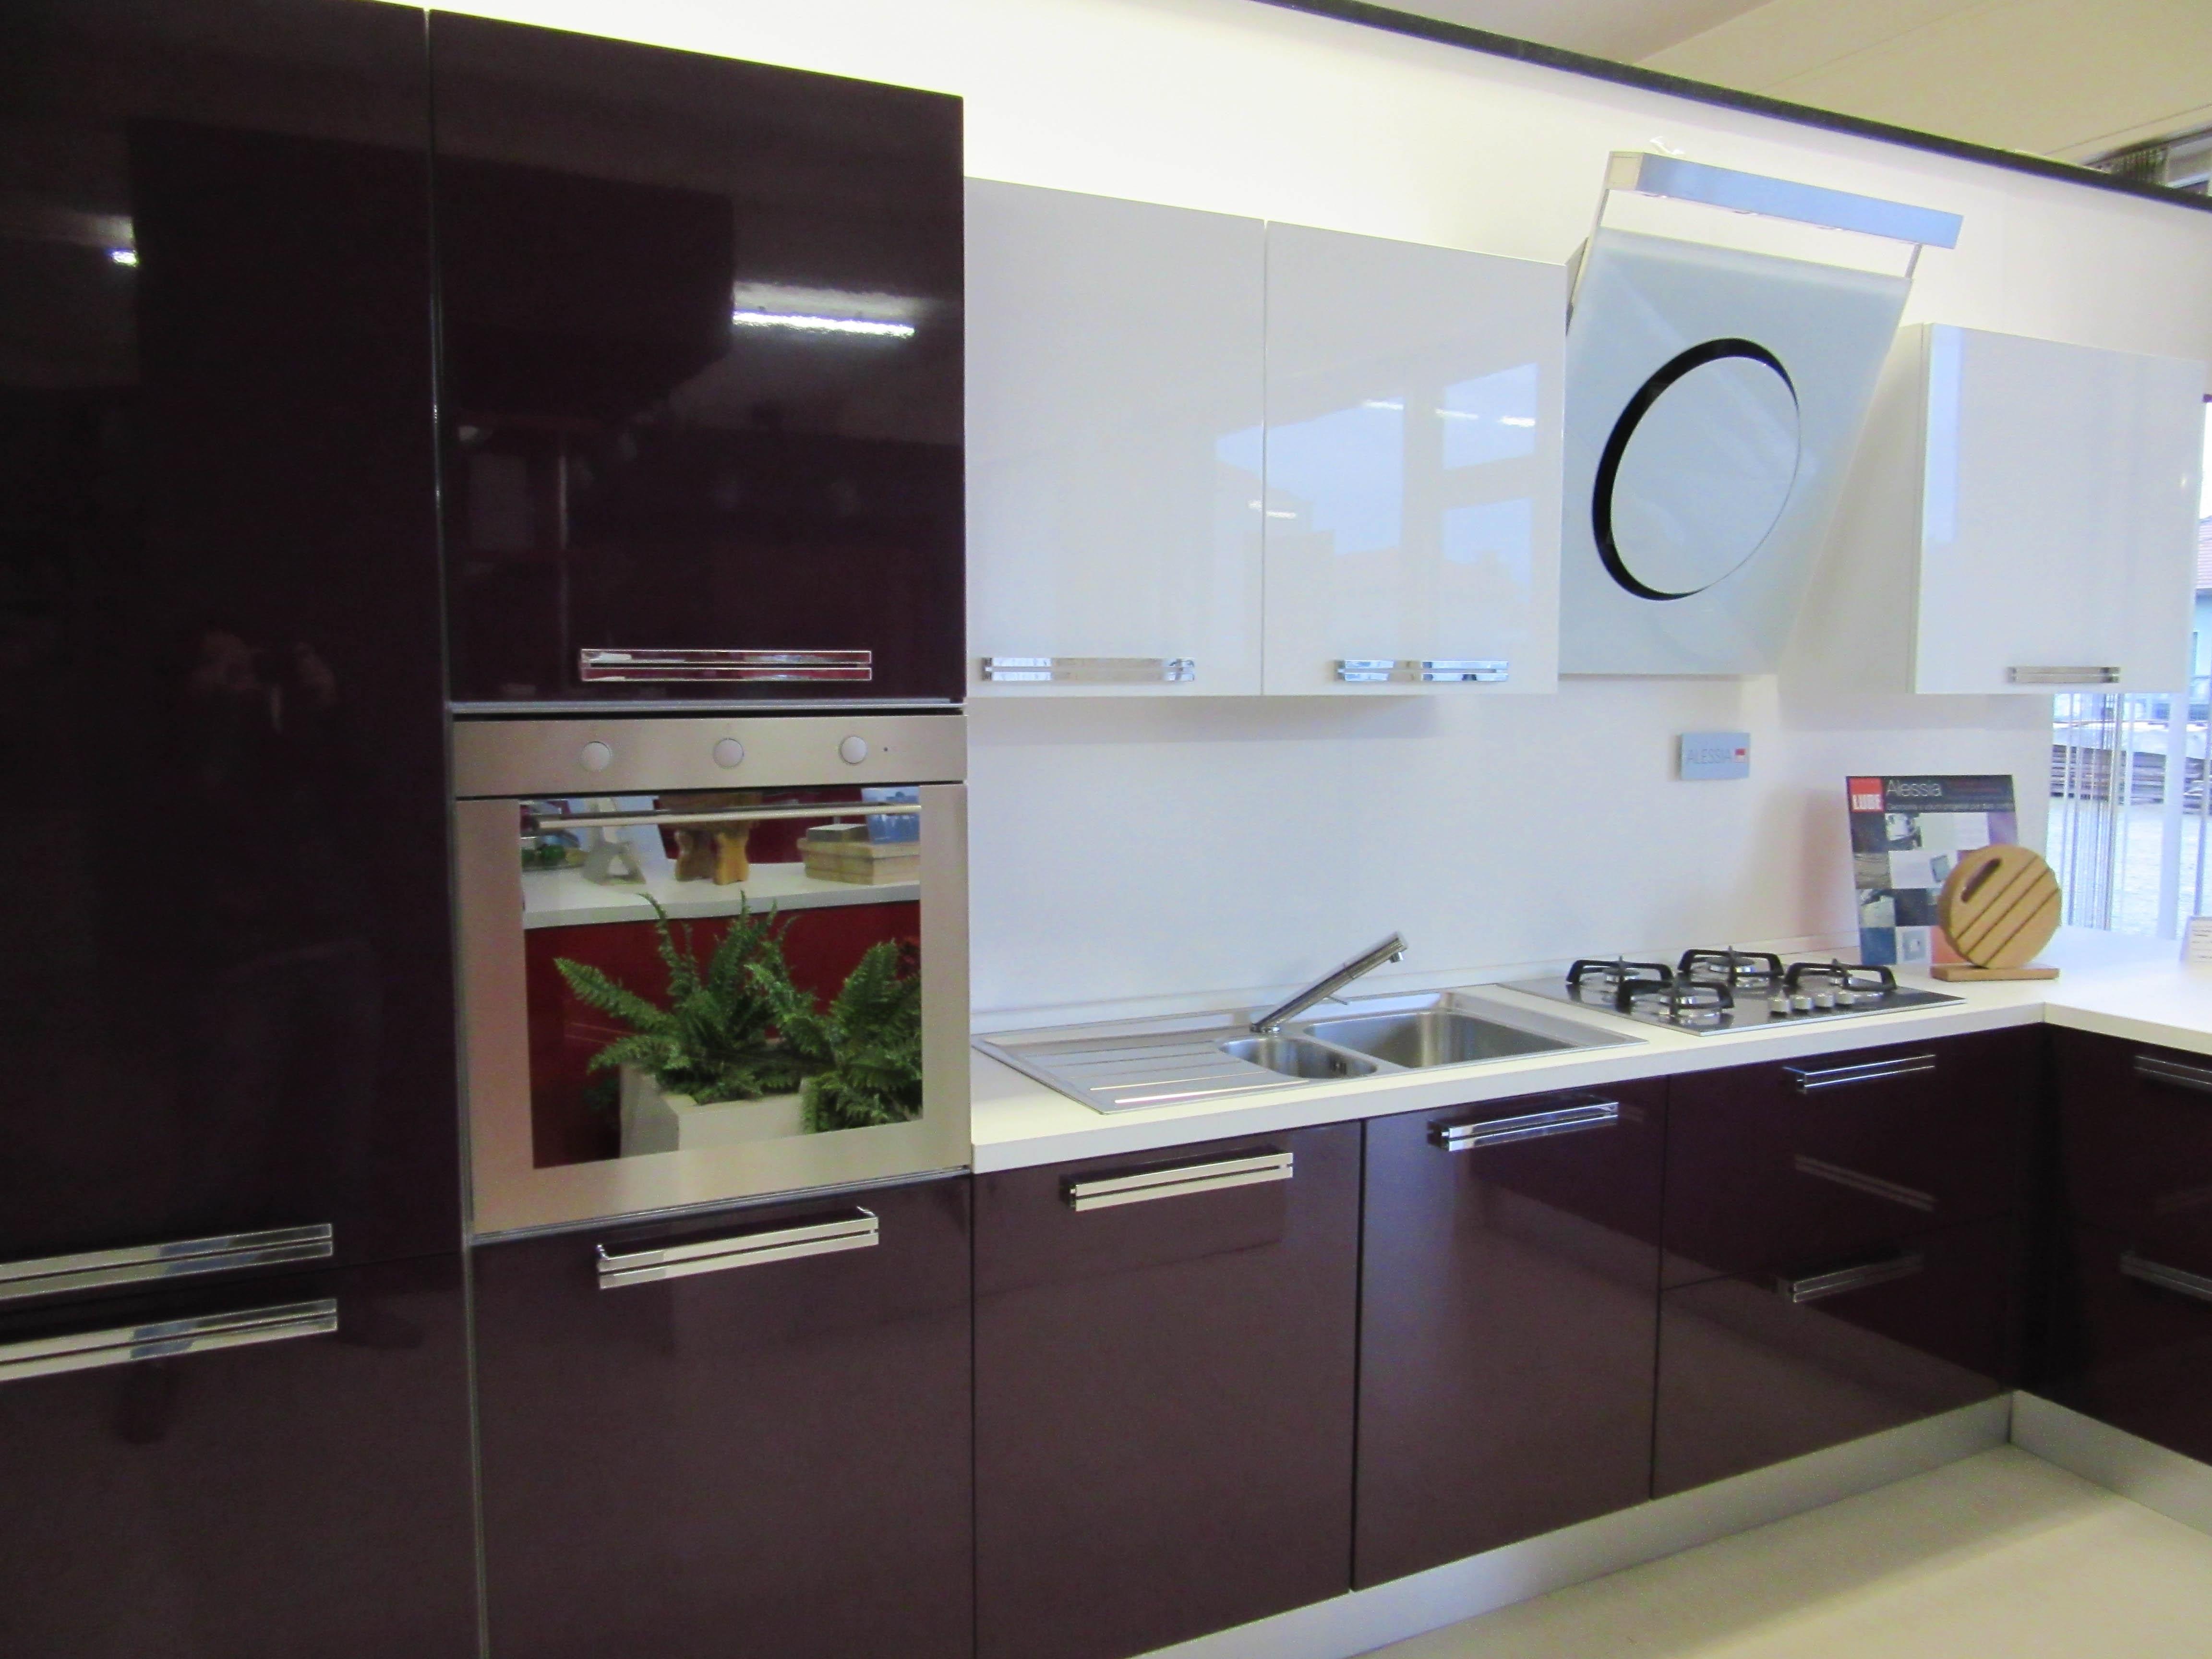 Cucina lube cucine alessia polimerico lucido cucine a - Cucine lube prezzi offerte ...